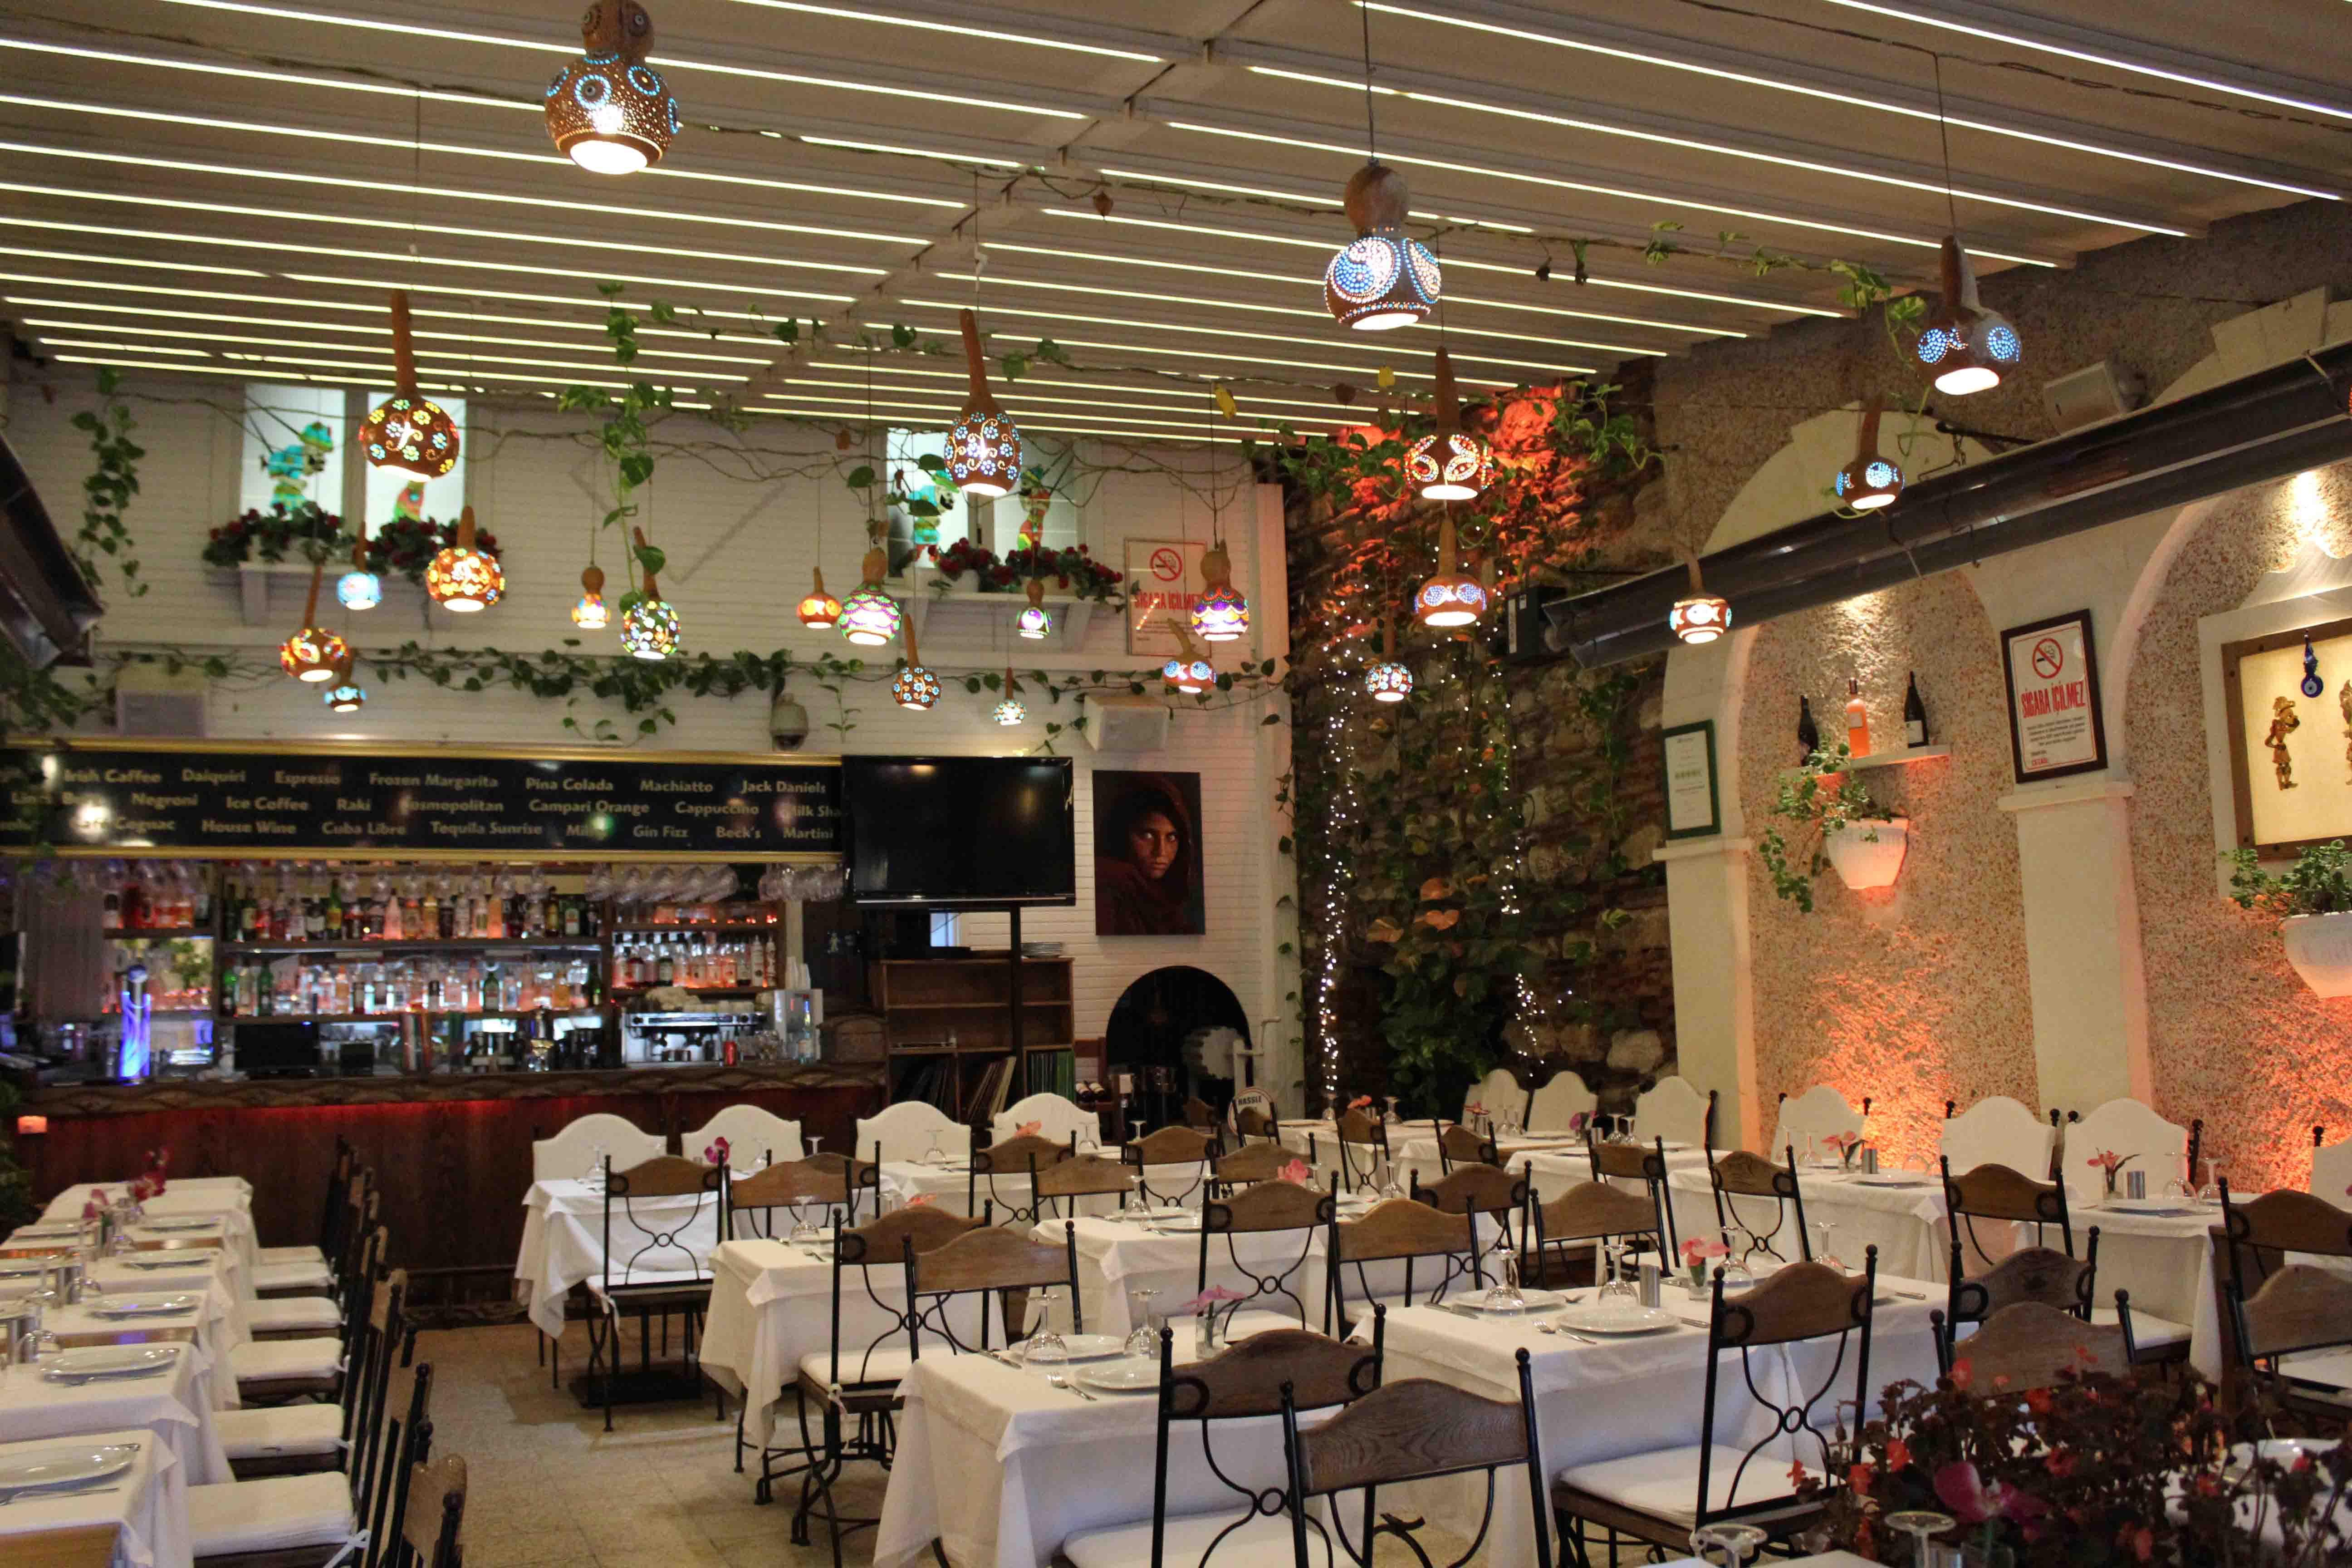 http://www.alburakathisma.com/images/galeri/orjinal/albura-Garden-91.jpg